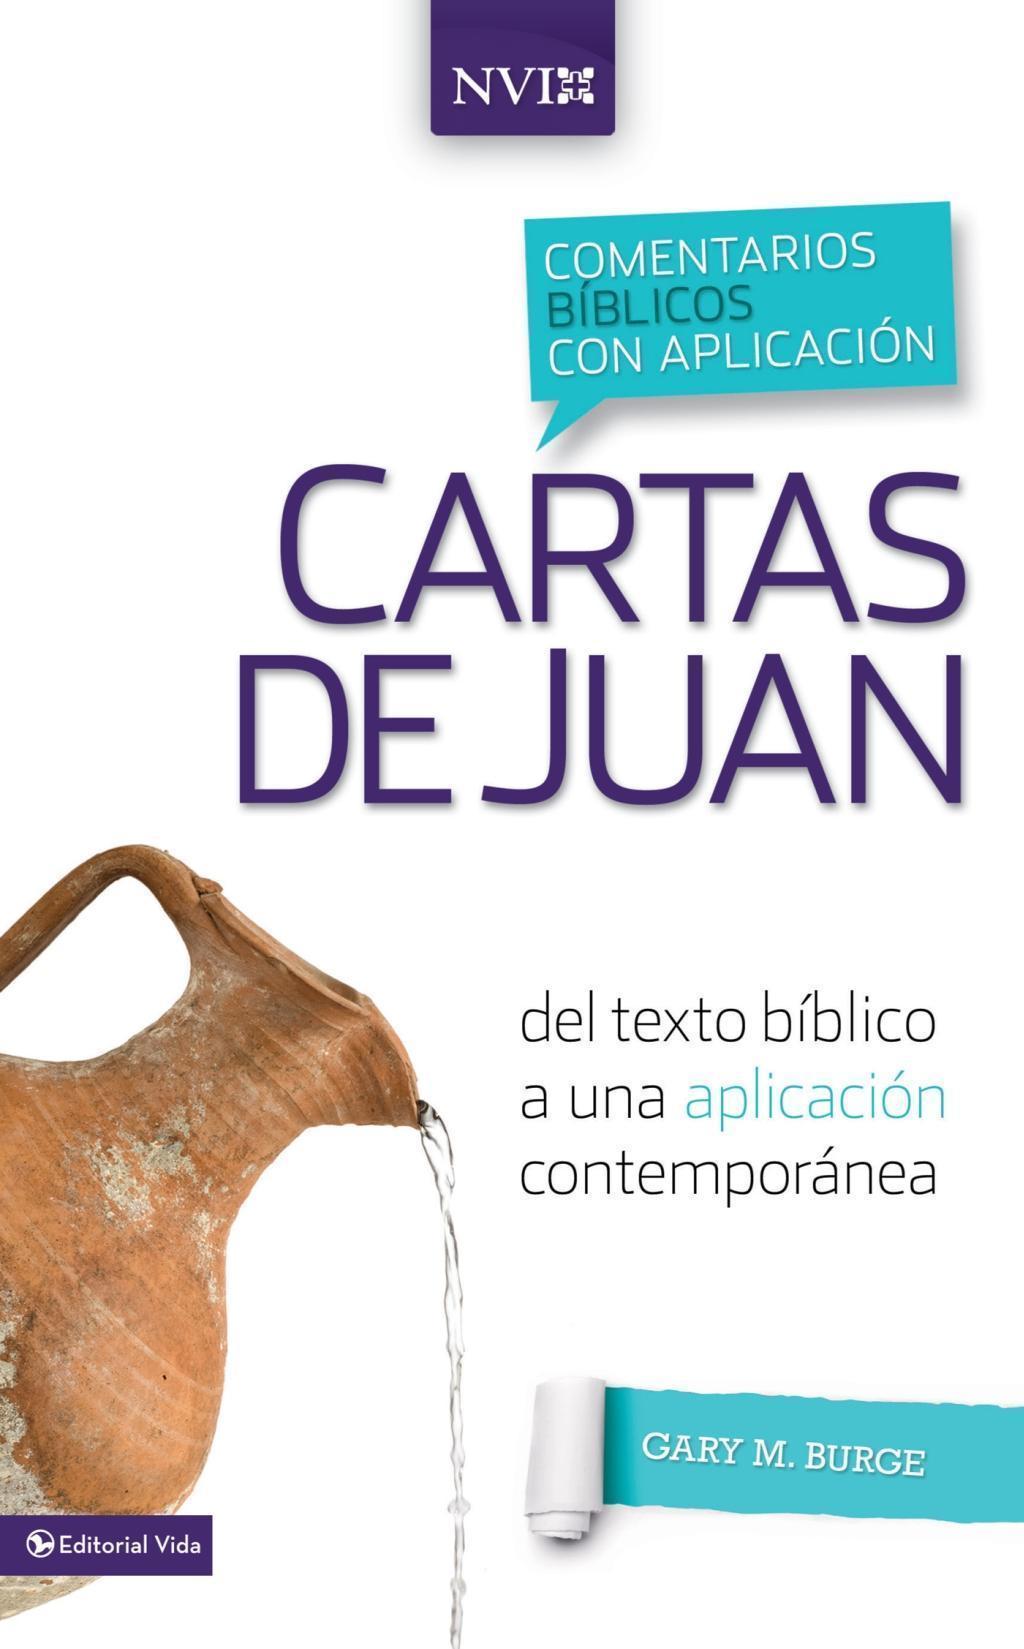 Comentario bíblico con aplicación NVI Cartas de Juan